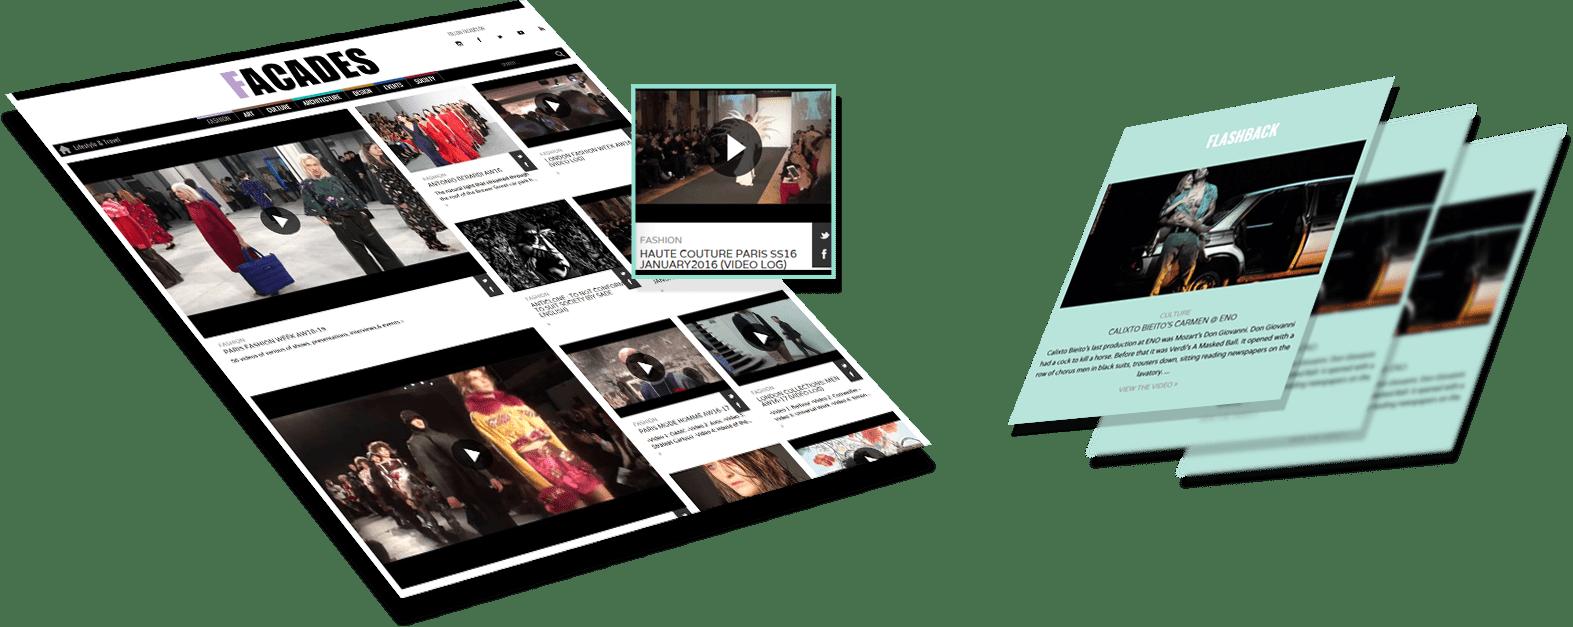 facades_lifestyle-screen2